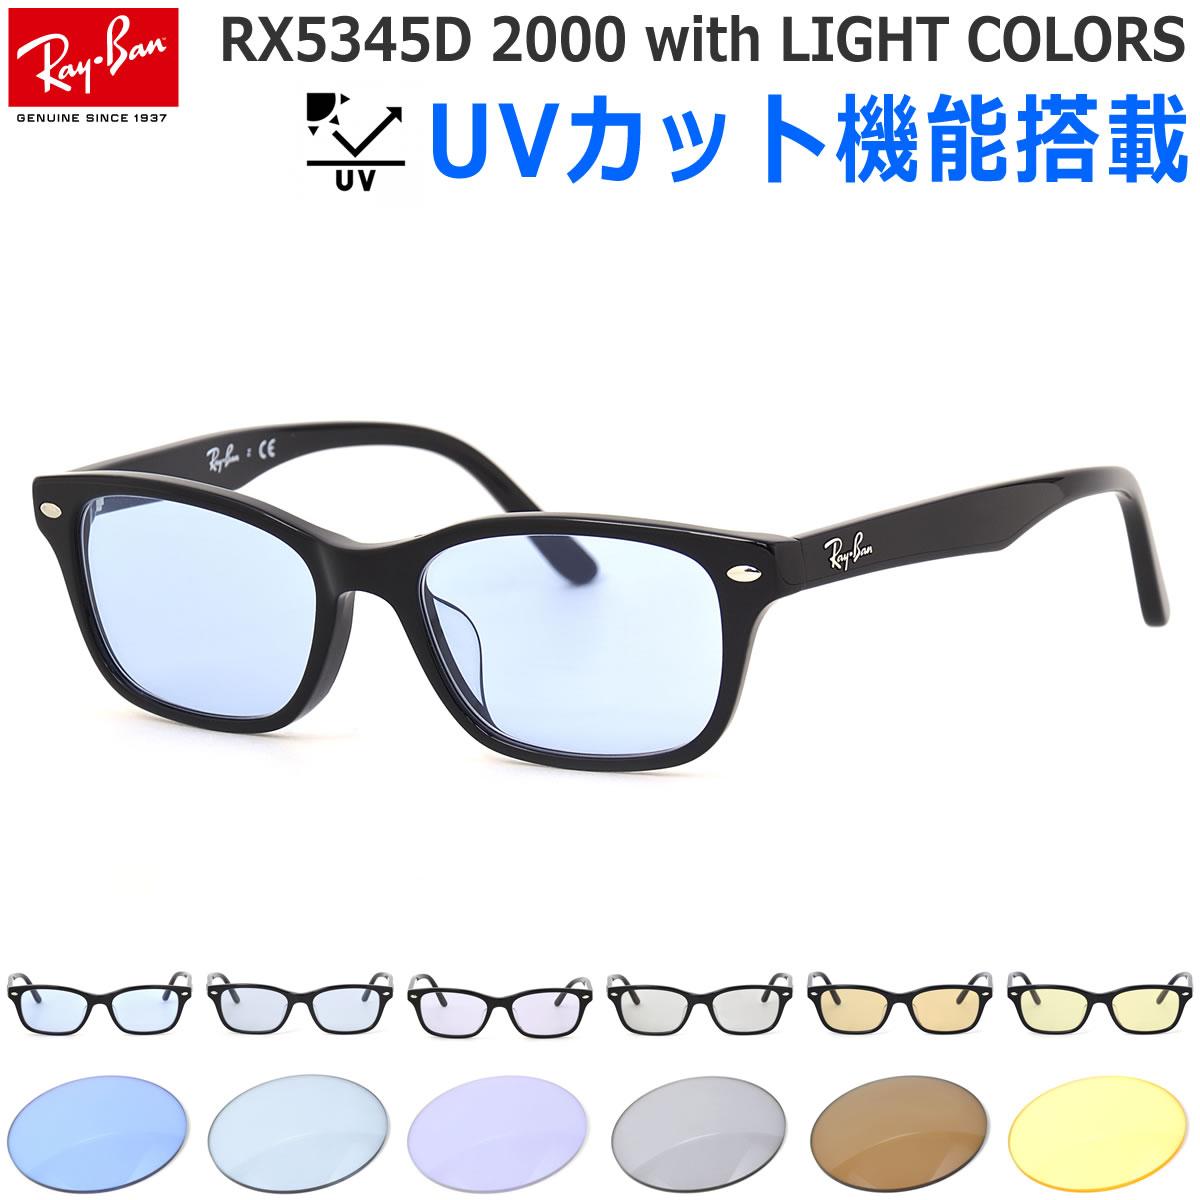 レイバン 眼鏡 サングラス ライトカラー Ray-Ban UVカット付き ライトブルー RX5345D 2000 53サイズ レイバン RAYBAN アジアエリア限定 ウェリントン スクエア 伊達メガネ ブルーレンズ 紫外線カット あす楽対応 メンズ レディース [OS]